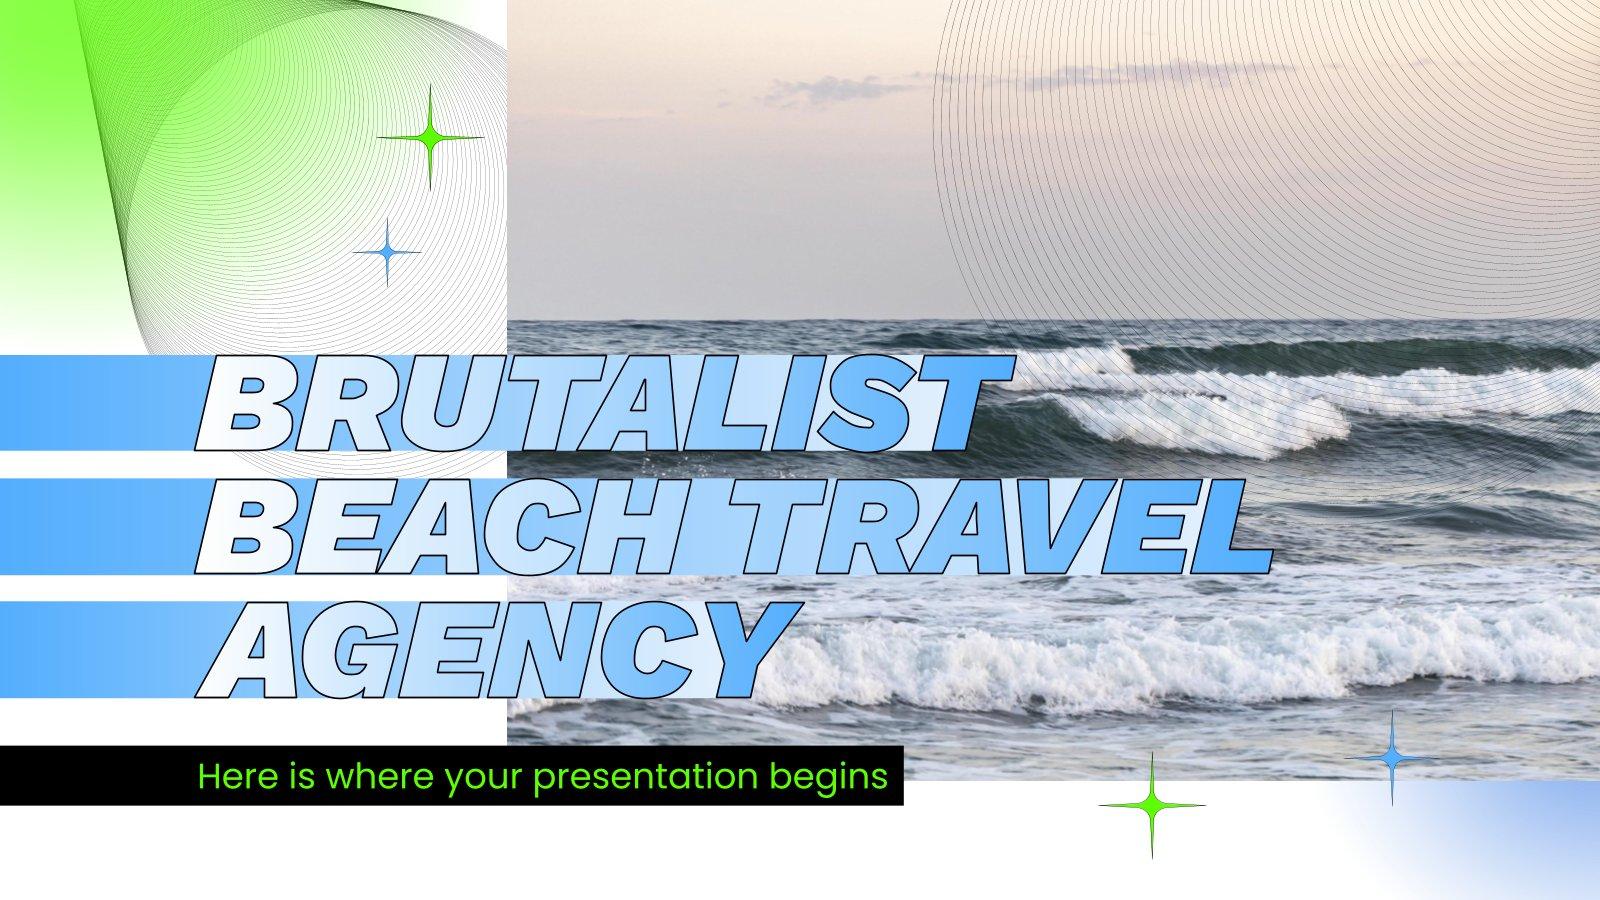 Plantilla de presentación Agencia de viajes a la playa de estilo brutalista